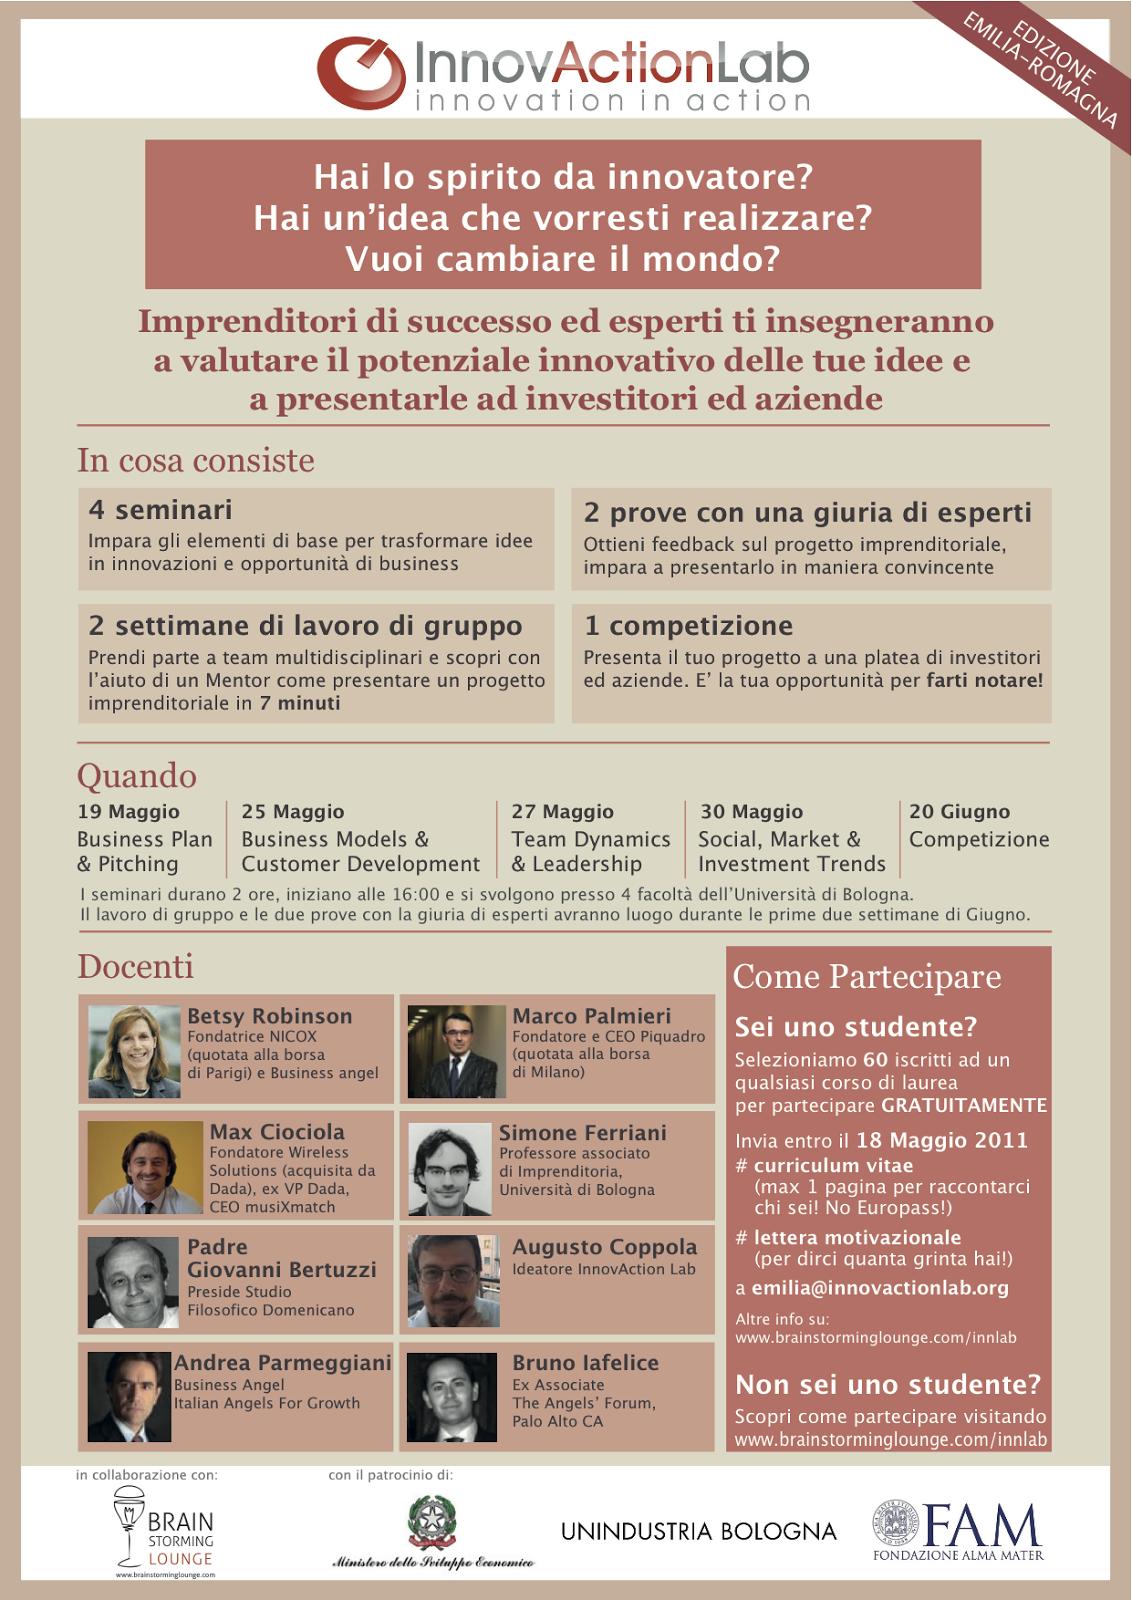 InnovActionLab Emilia Romagna Istituto Italiano Imprenditorialit